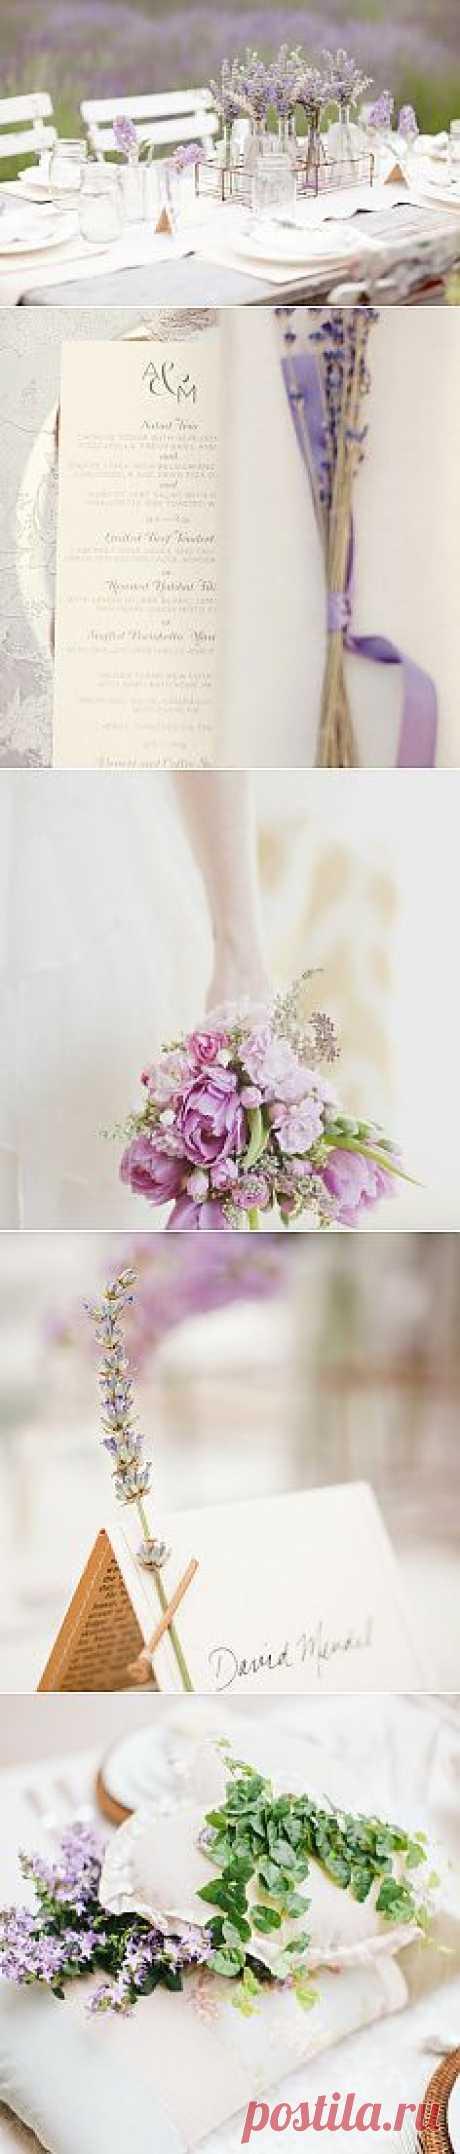 Стилистика свадьбы в деталях: прованс - WeddyWood